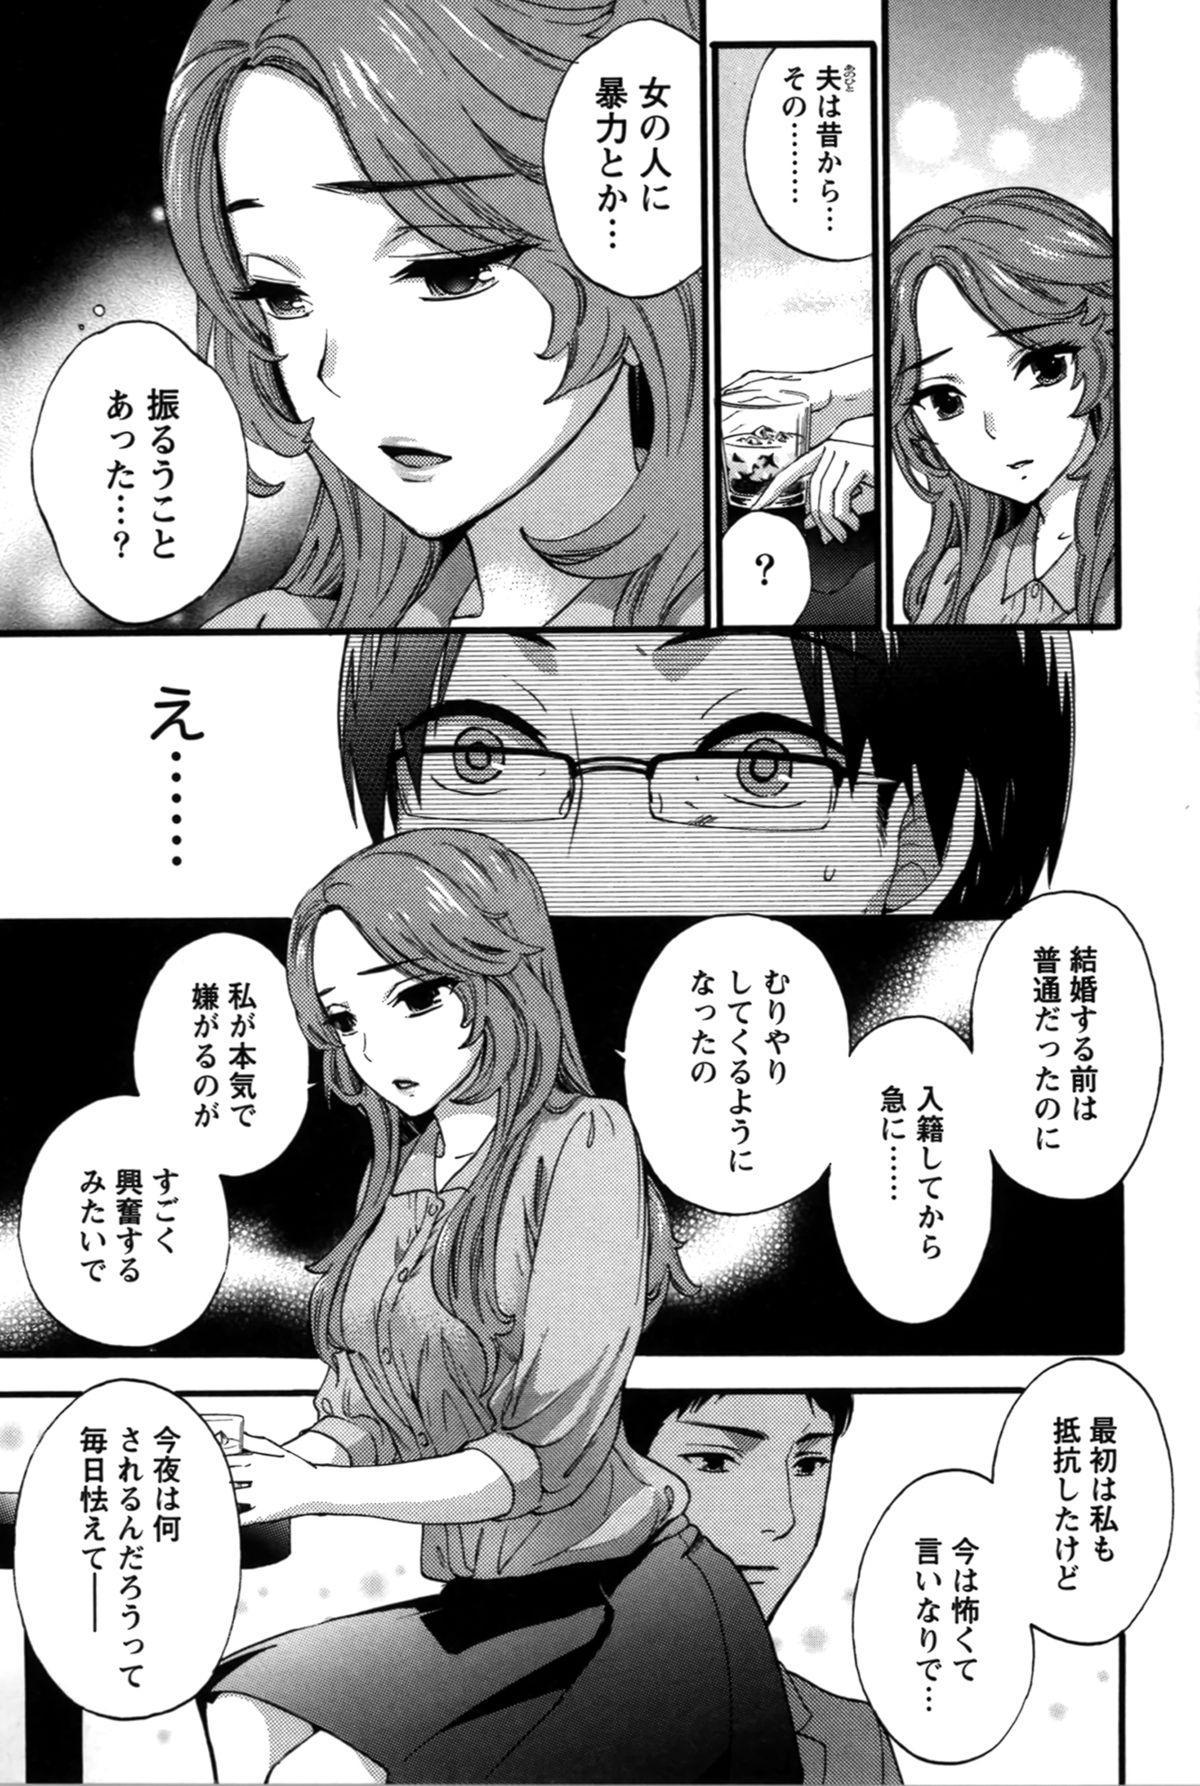 Anata to Watashi wa Warukunai 91